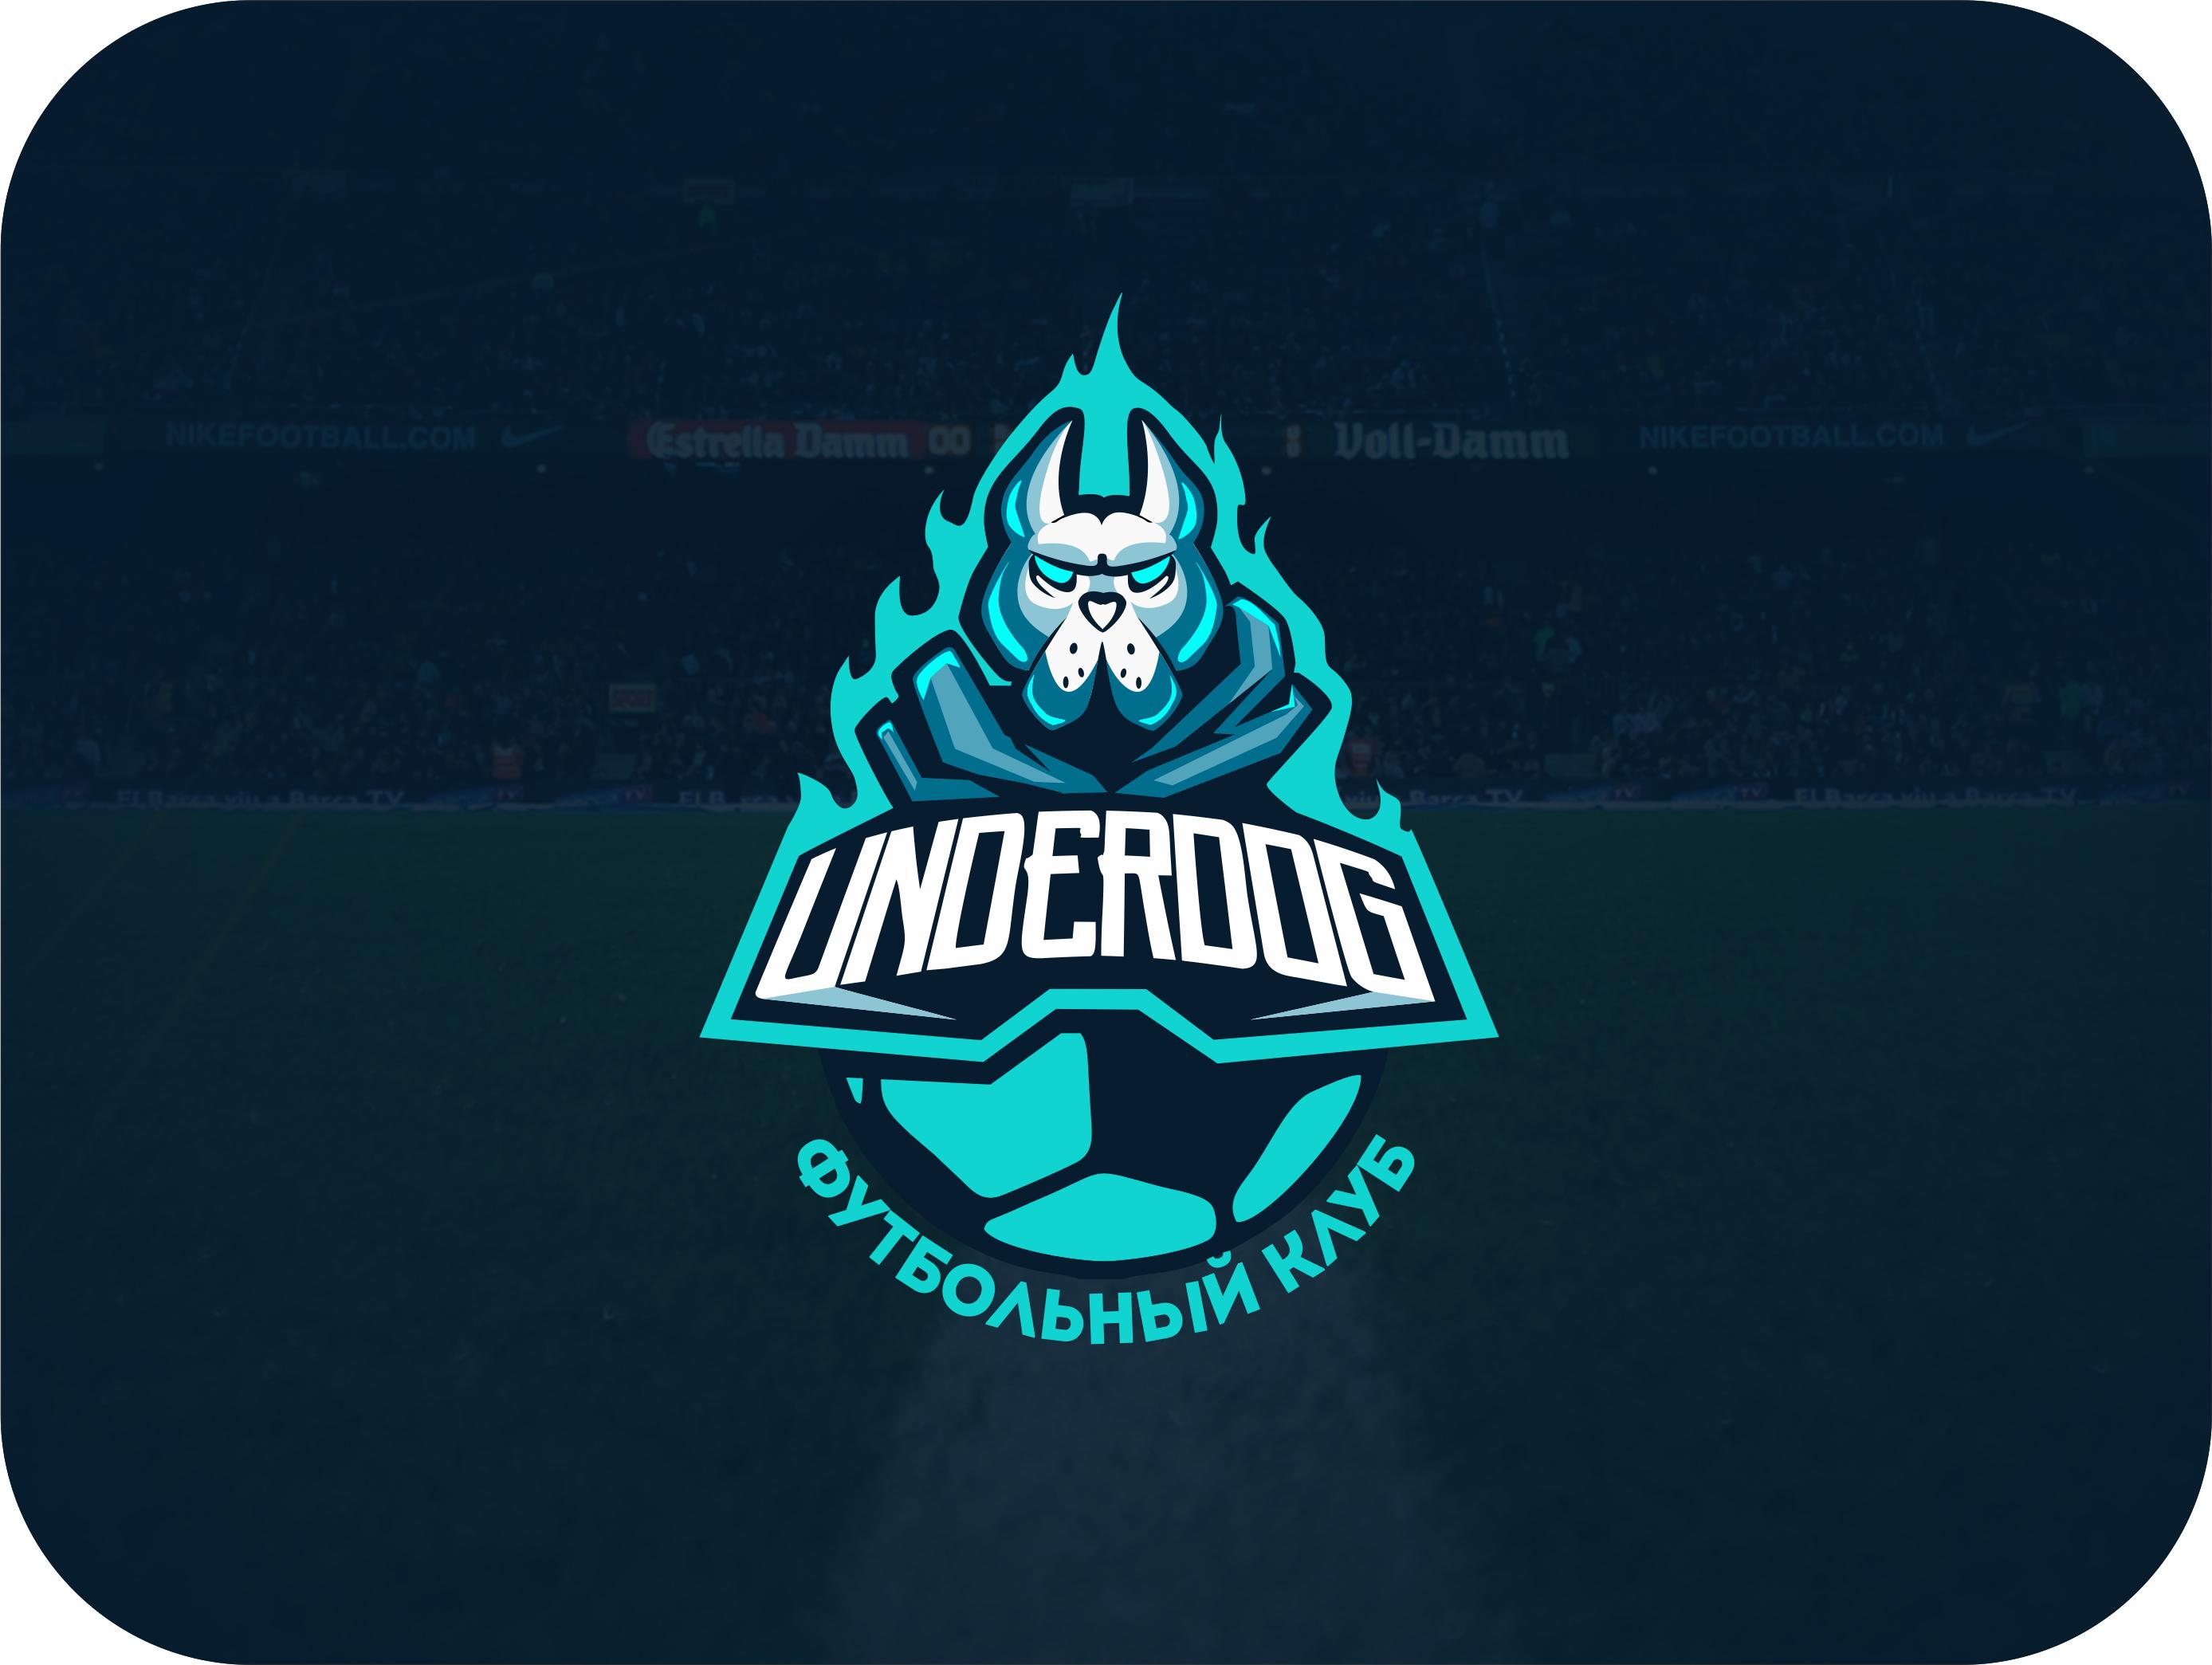 Футбольный клуб UNDERDOG - разработать фирстиль и бренд-бук фото f_6045cb0d0ccef896.jpg